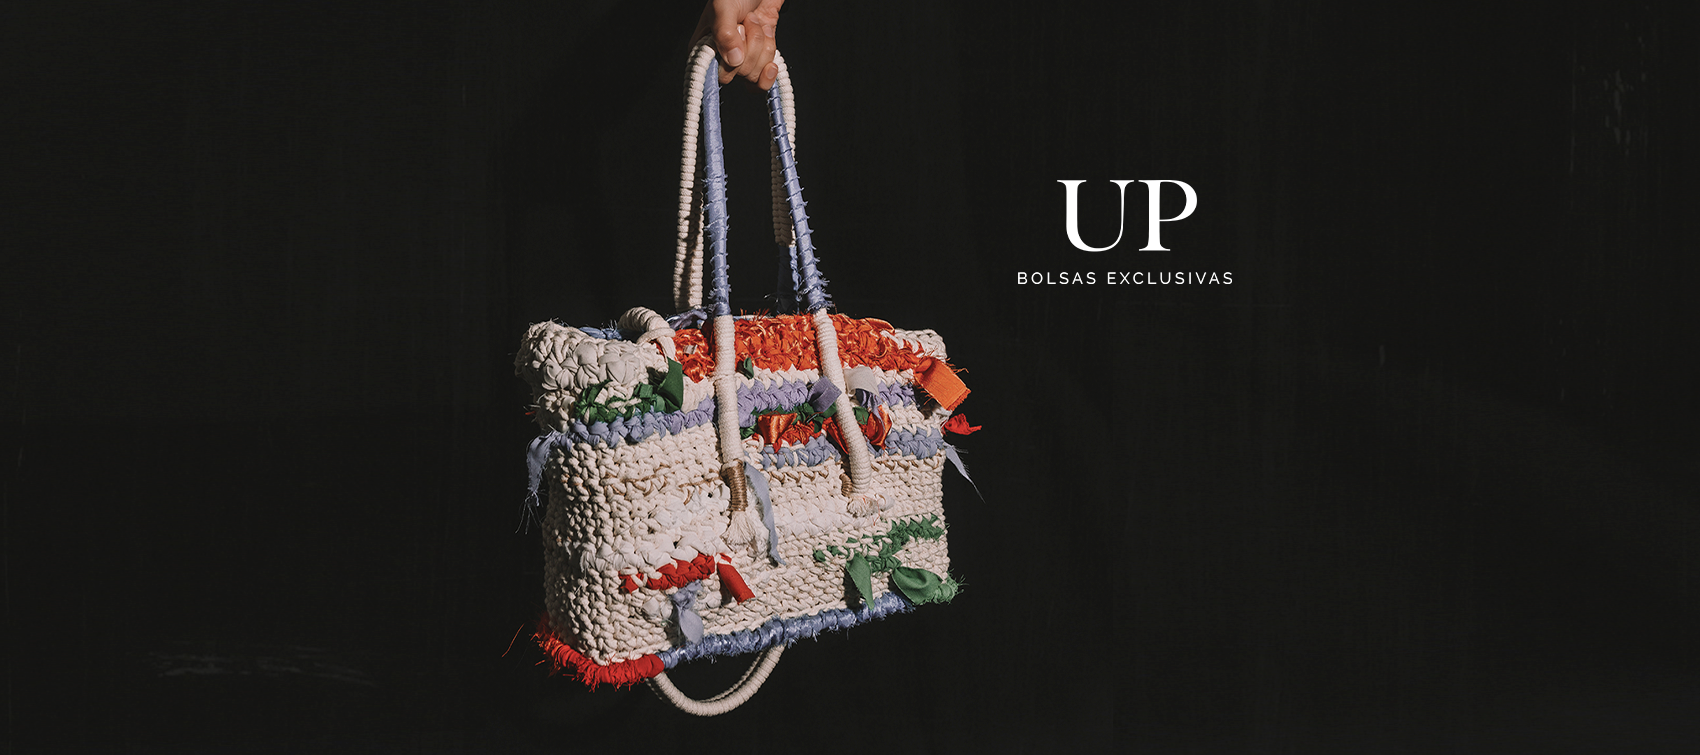 bolsas-exclusivas-upcycling.png